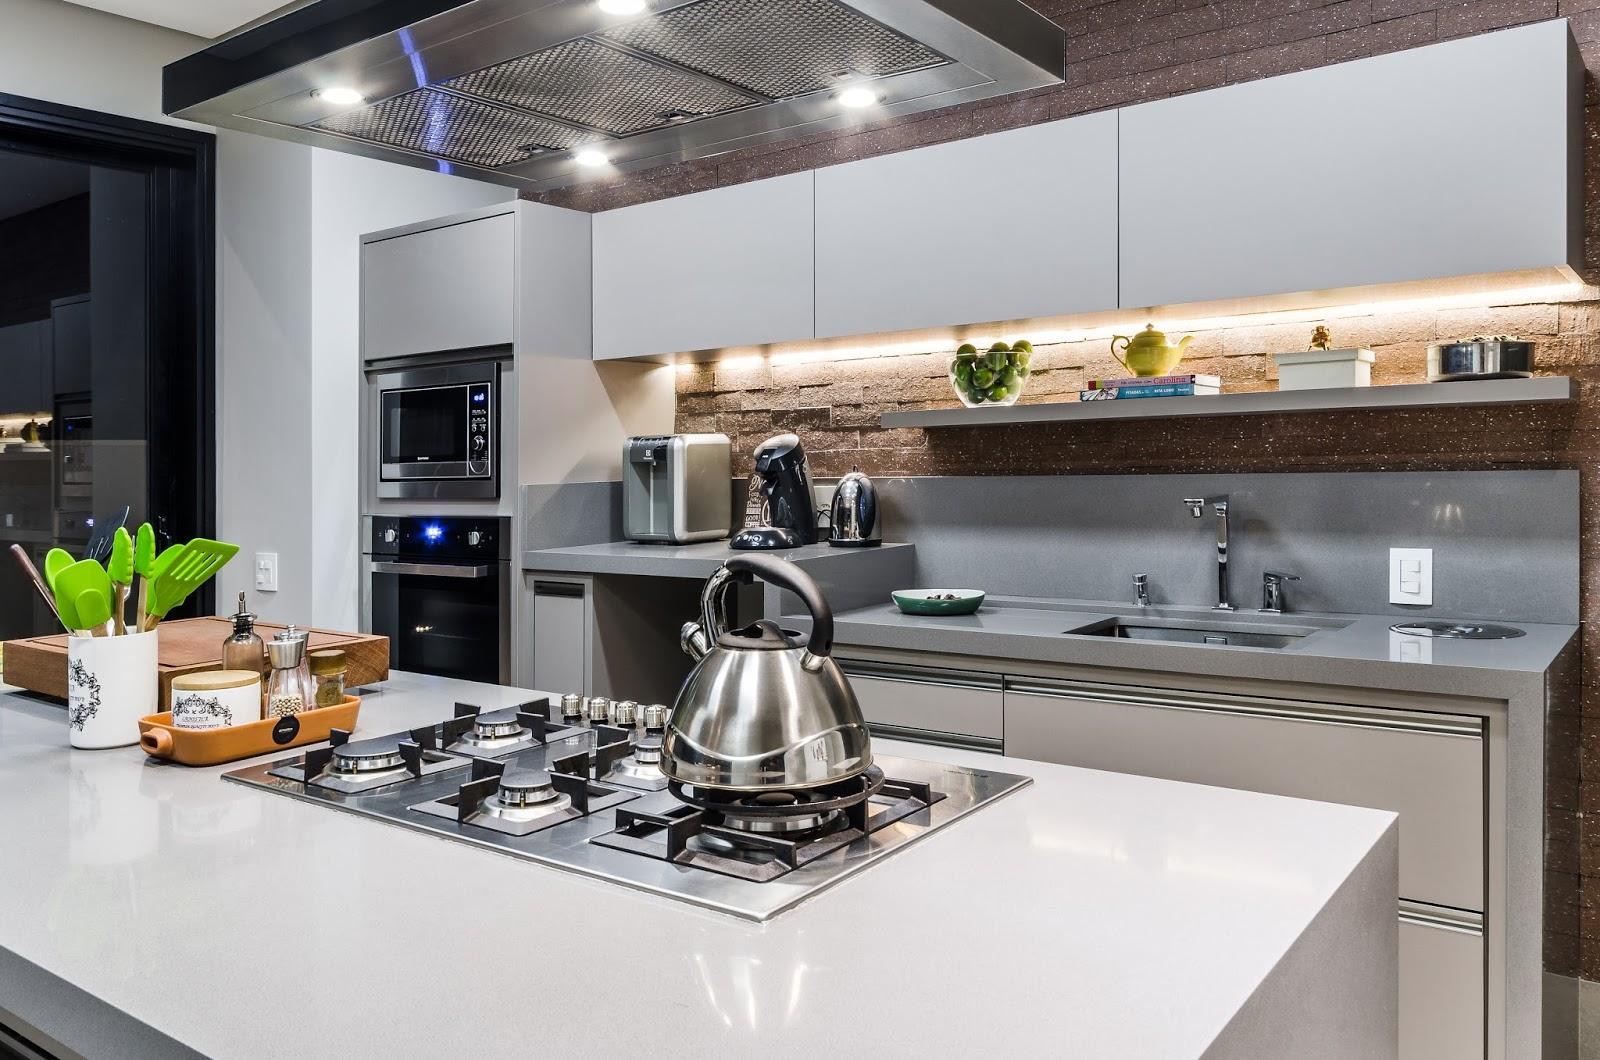 Cozinha Gourmet Arquiteta Marilice Arruda